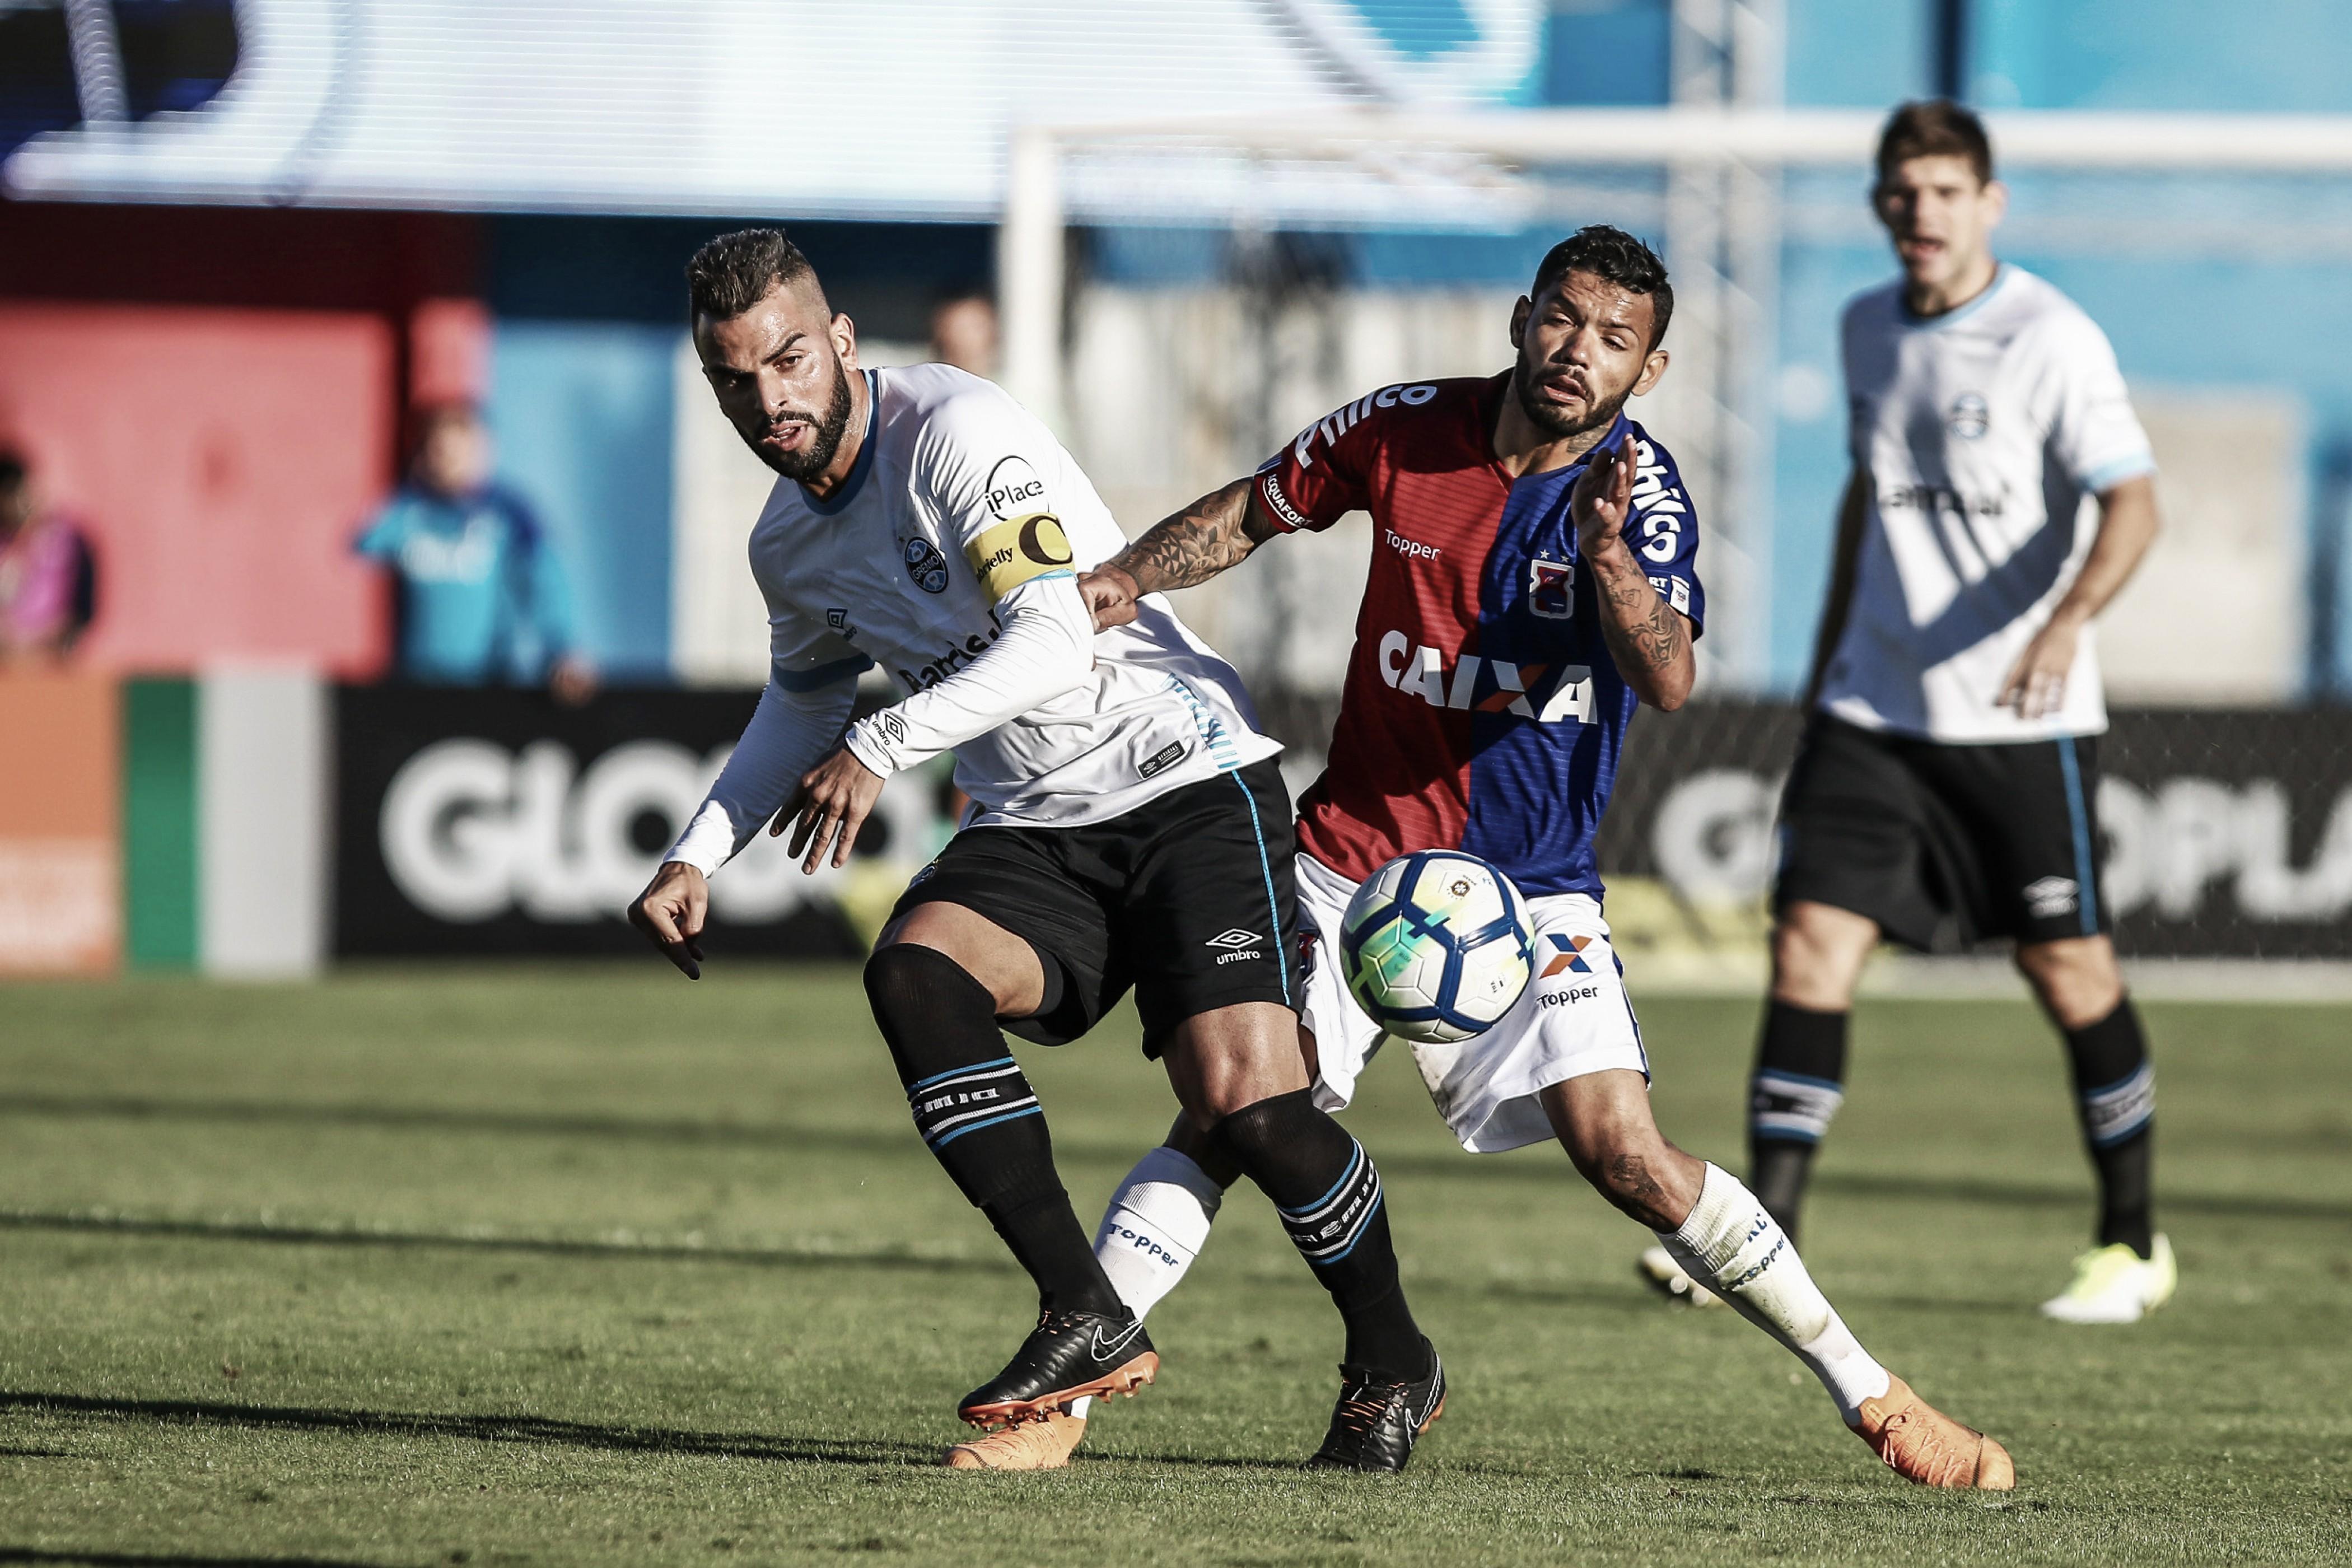 Comemorando aniversário, Grêmio joga com time alternativo na Arena contra Paraná